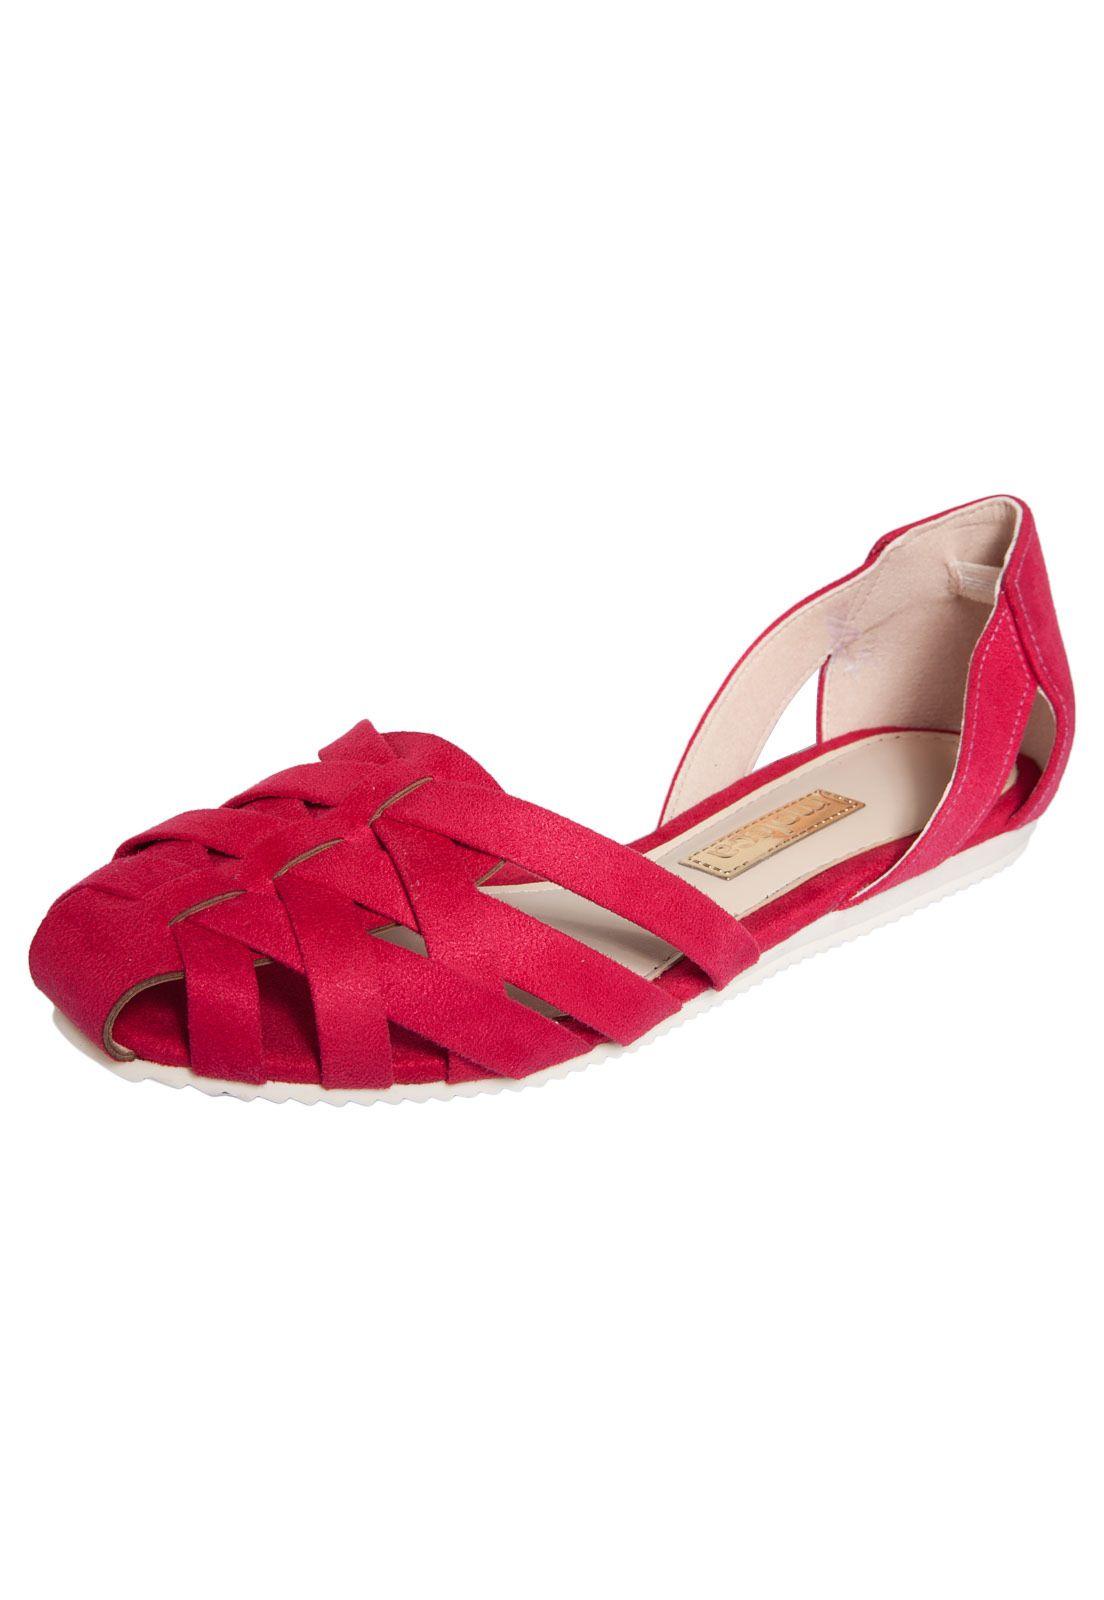 9484aa56e9 Sapatilha Moleca Rosa - Compre Agora